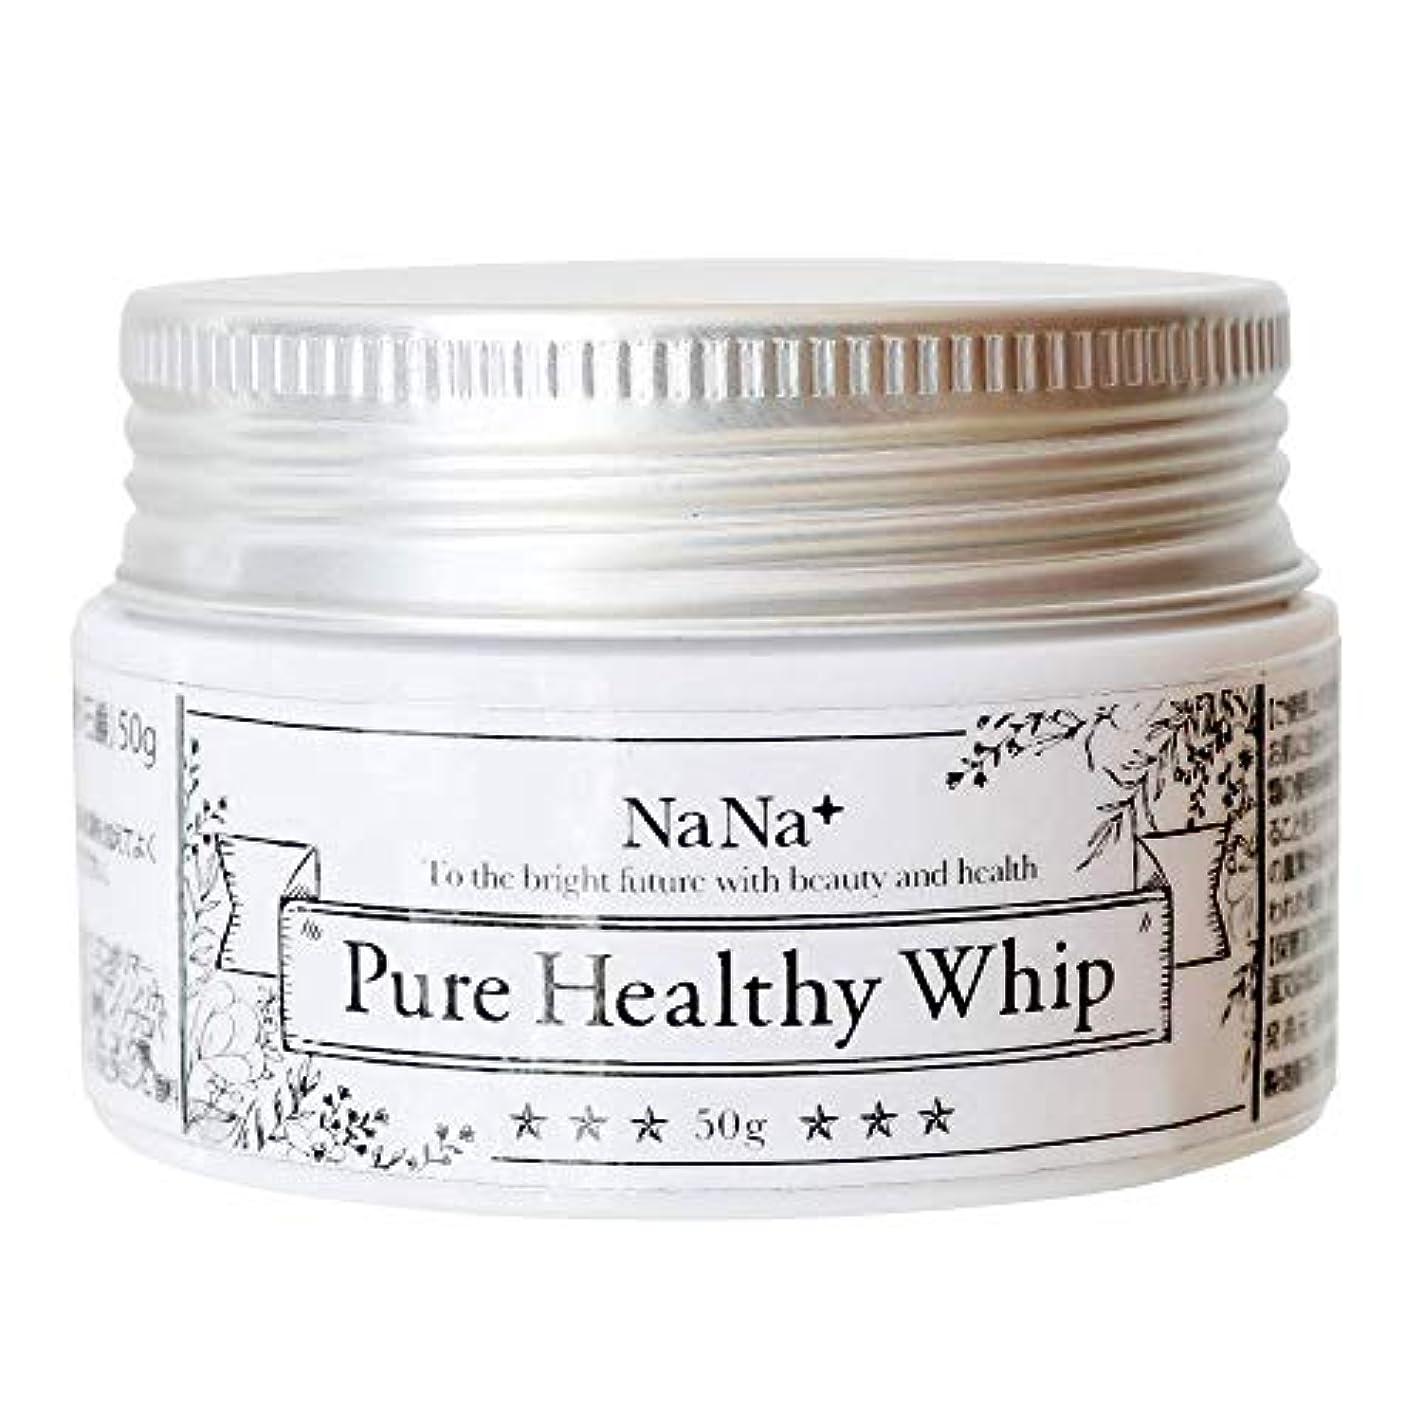 参加するウィスキー最小洗顔 生せっけん 敏感肌 乾燥肌 の 毛穴 くすみ 黒ずみ ケア 肌に優しい無添加  nana+ピュアヘルシーホイップ